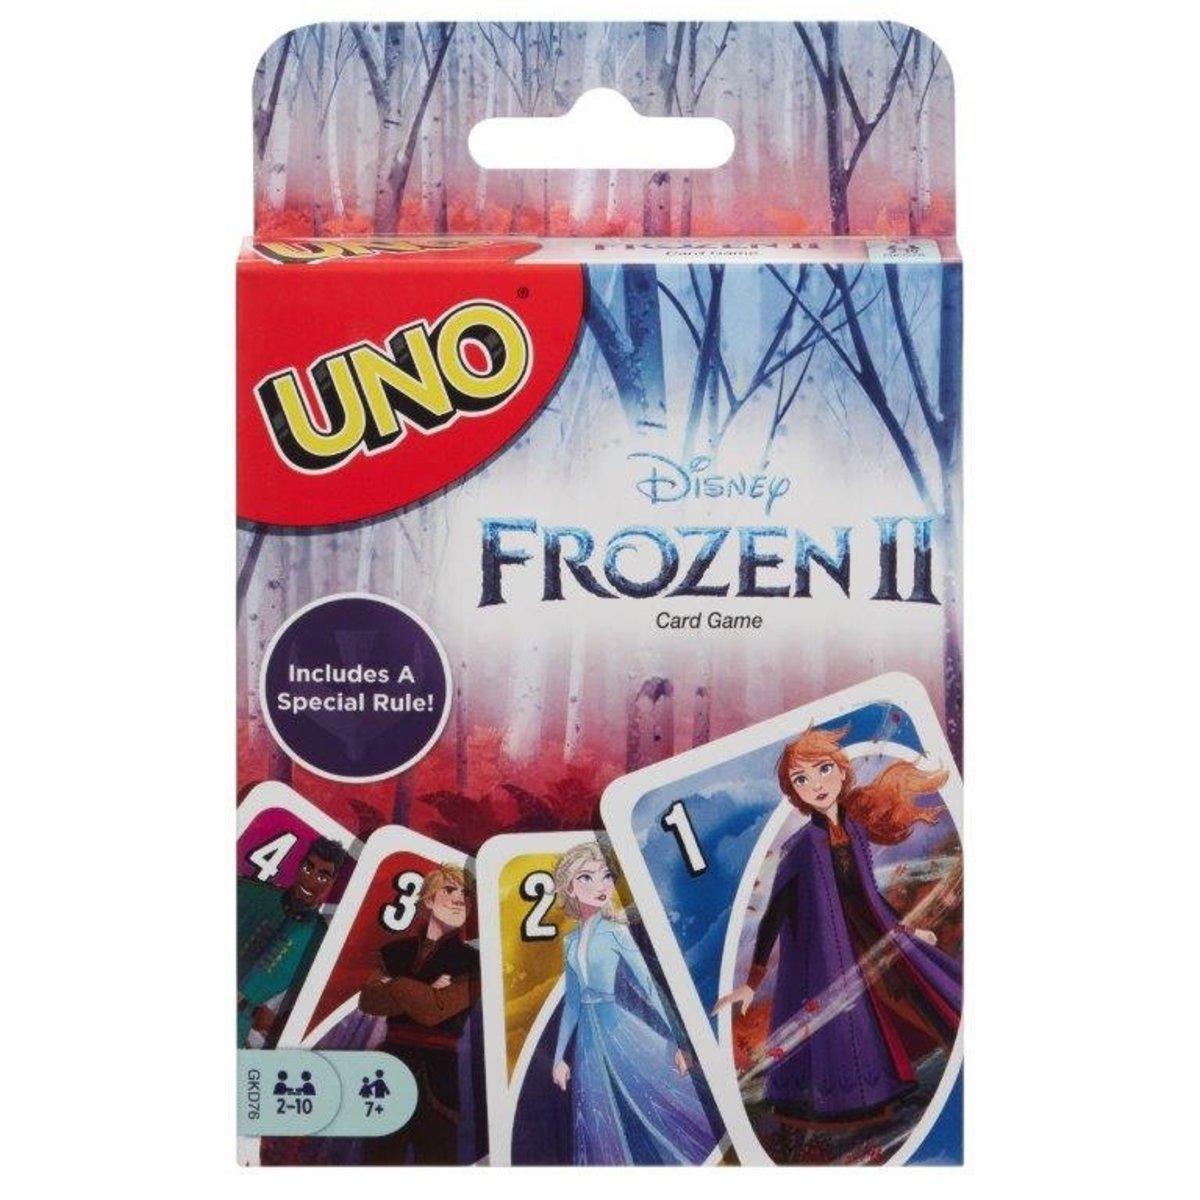 UNO Disney Frozen II